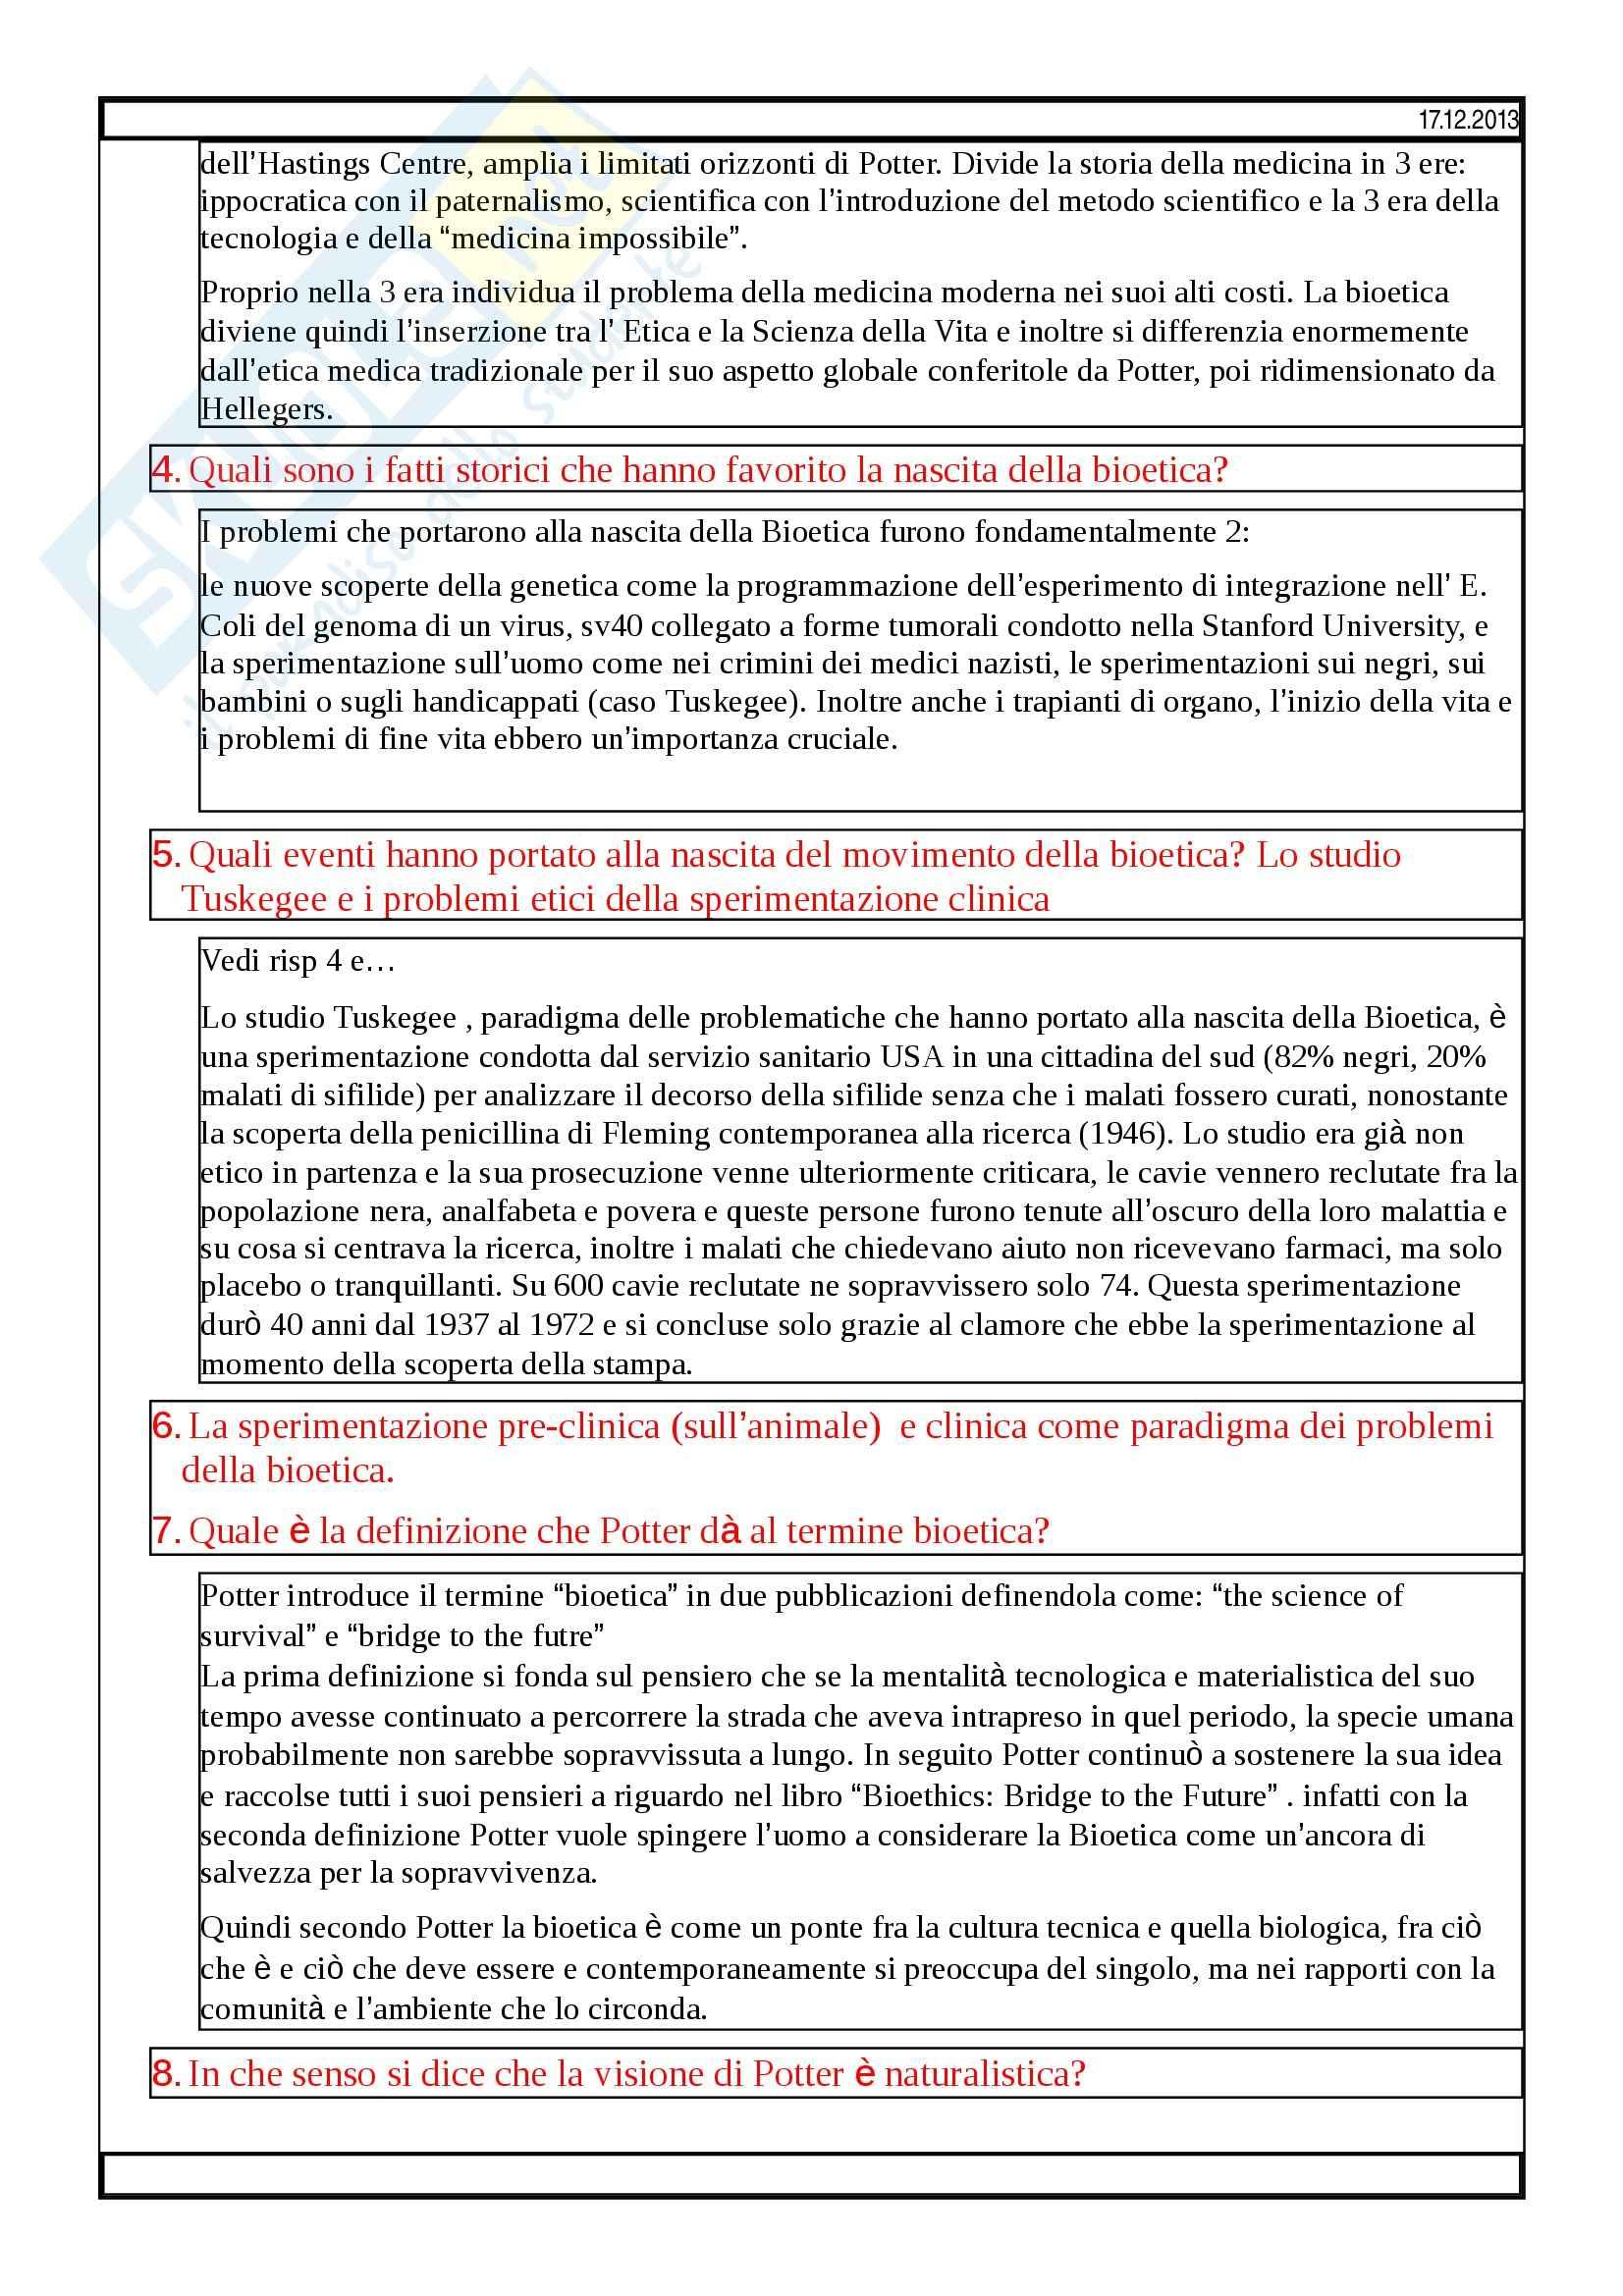 Bioetica - domande Pag. 2